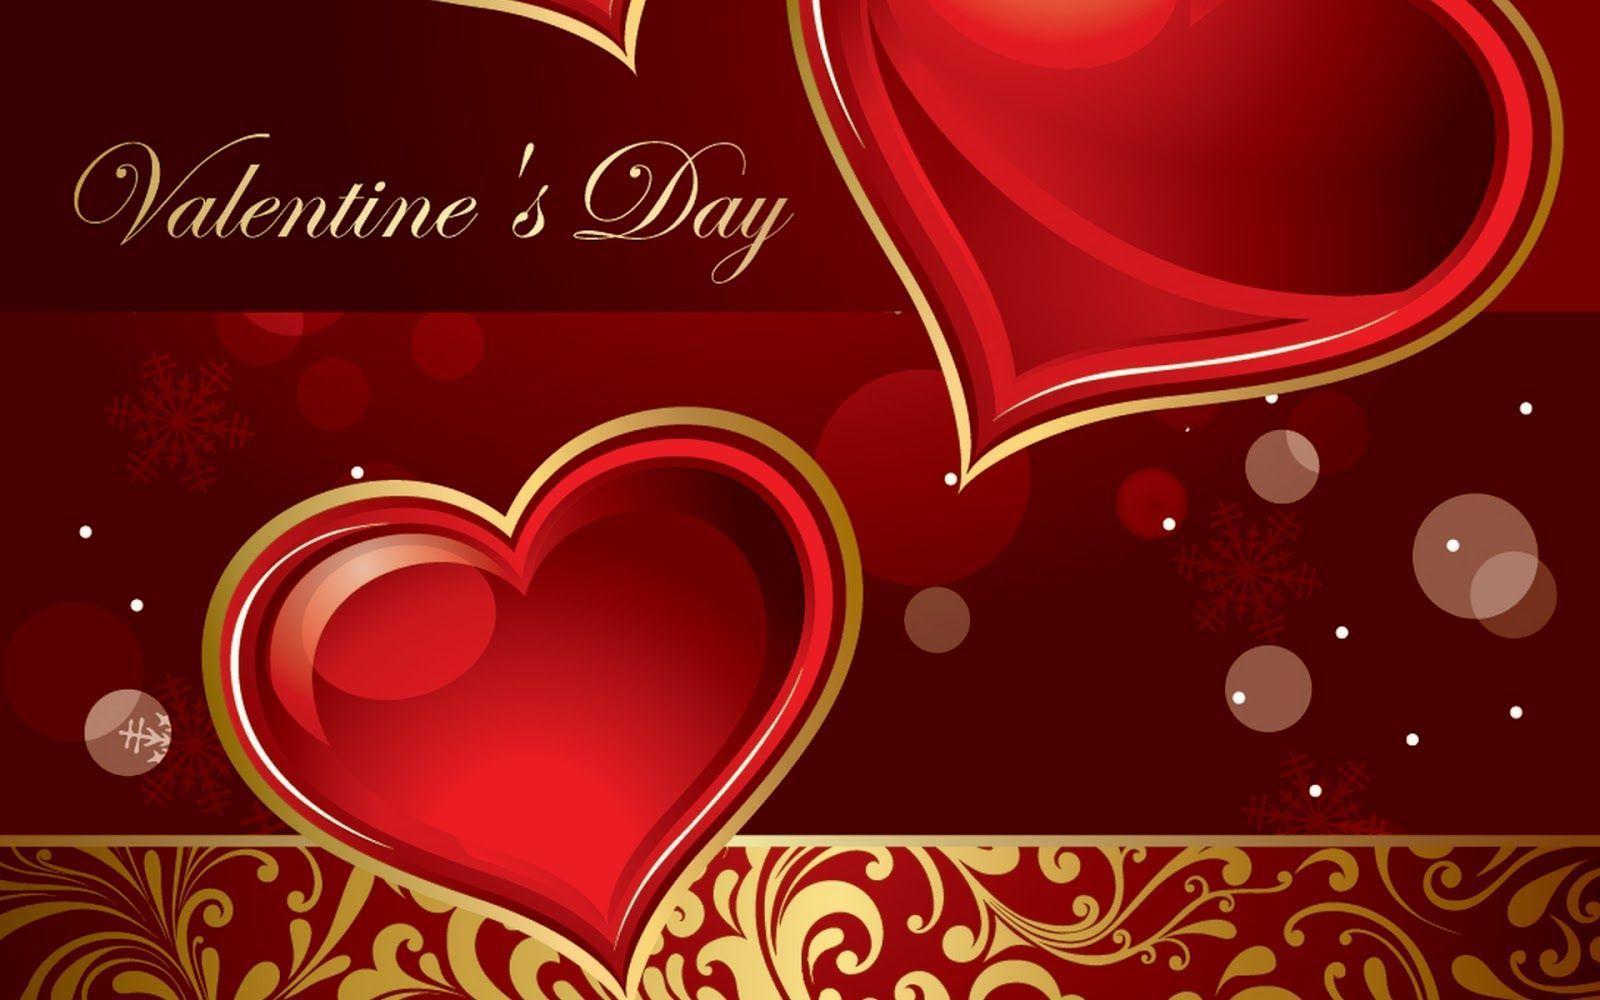 Free Valentine Desktop Backgrounds - Wallpaper Cave